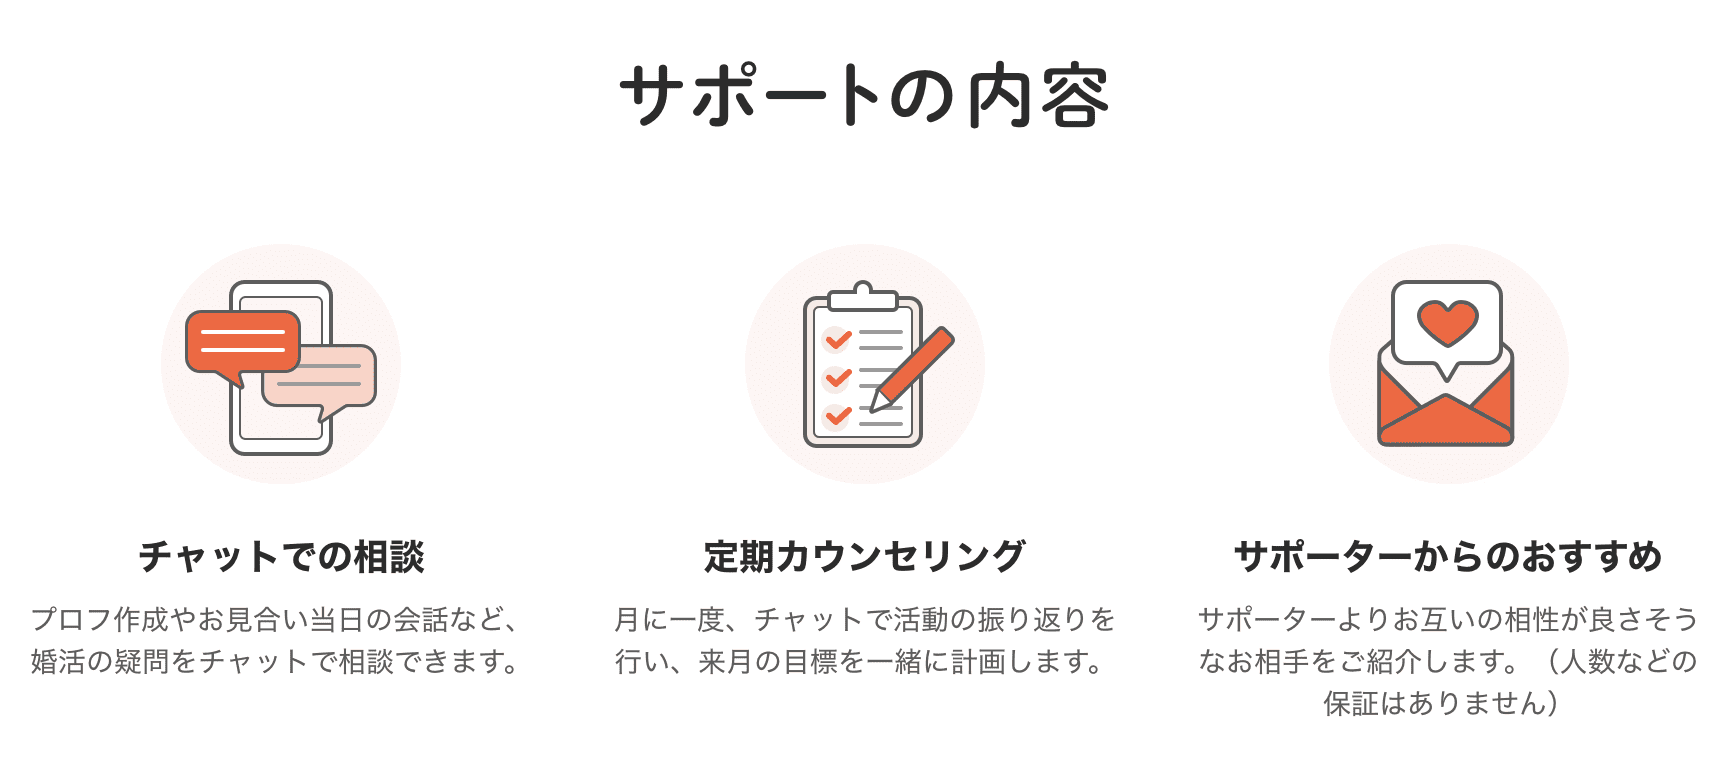 naco-do(ナコード)のサポート内容